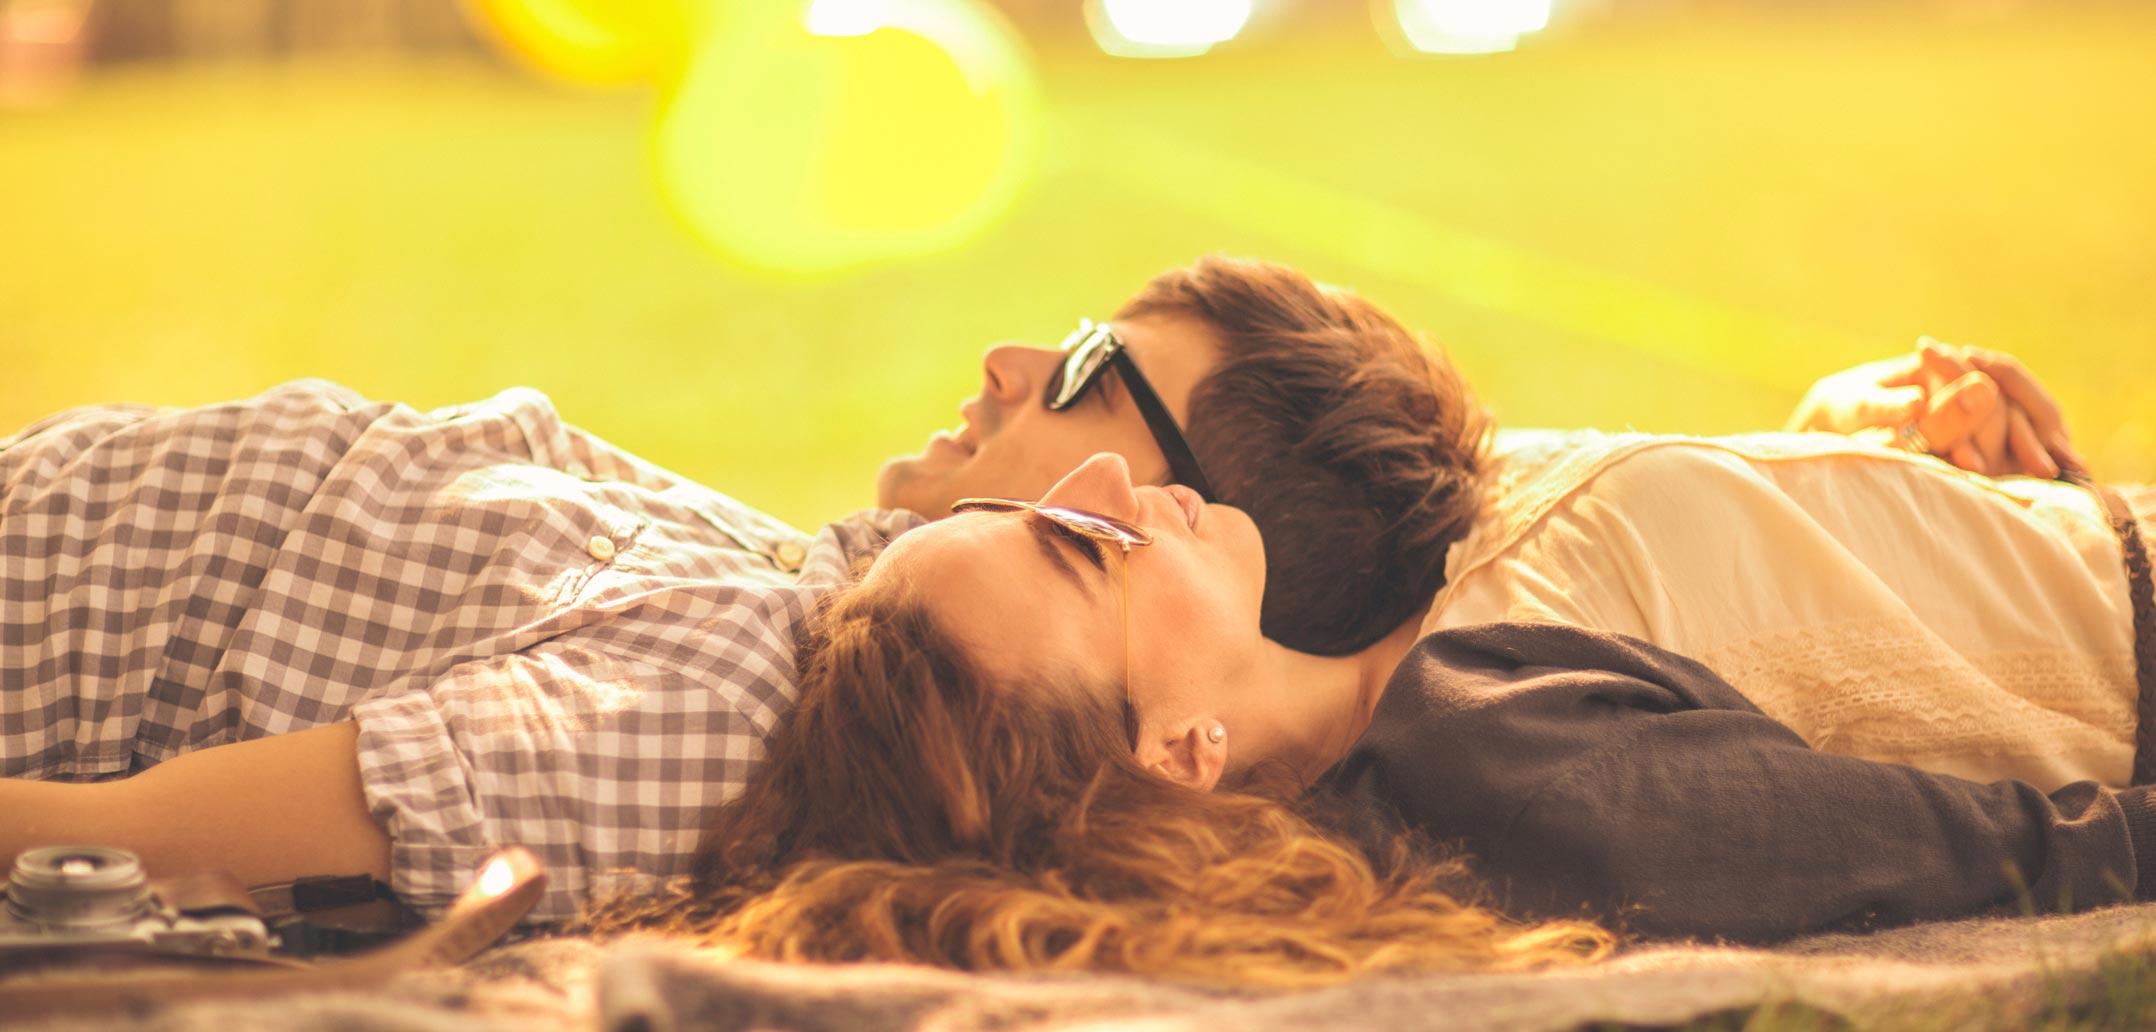 Definieren Sie Angreifbarkeit in einer Beziehung